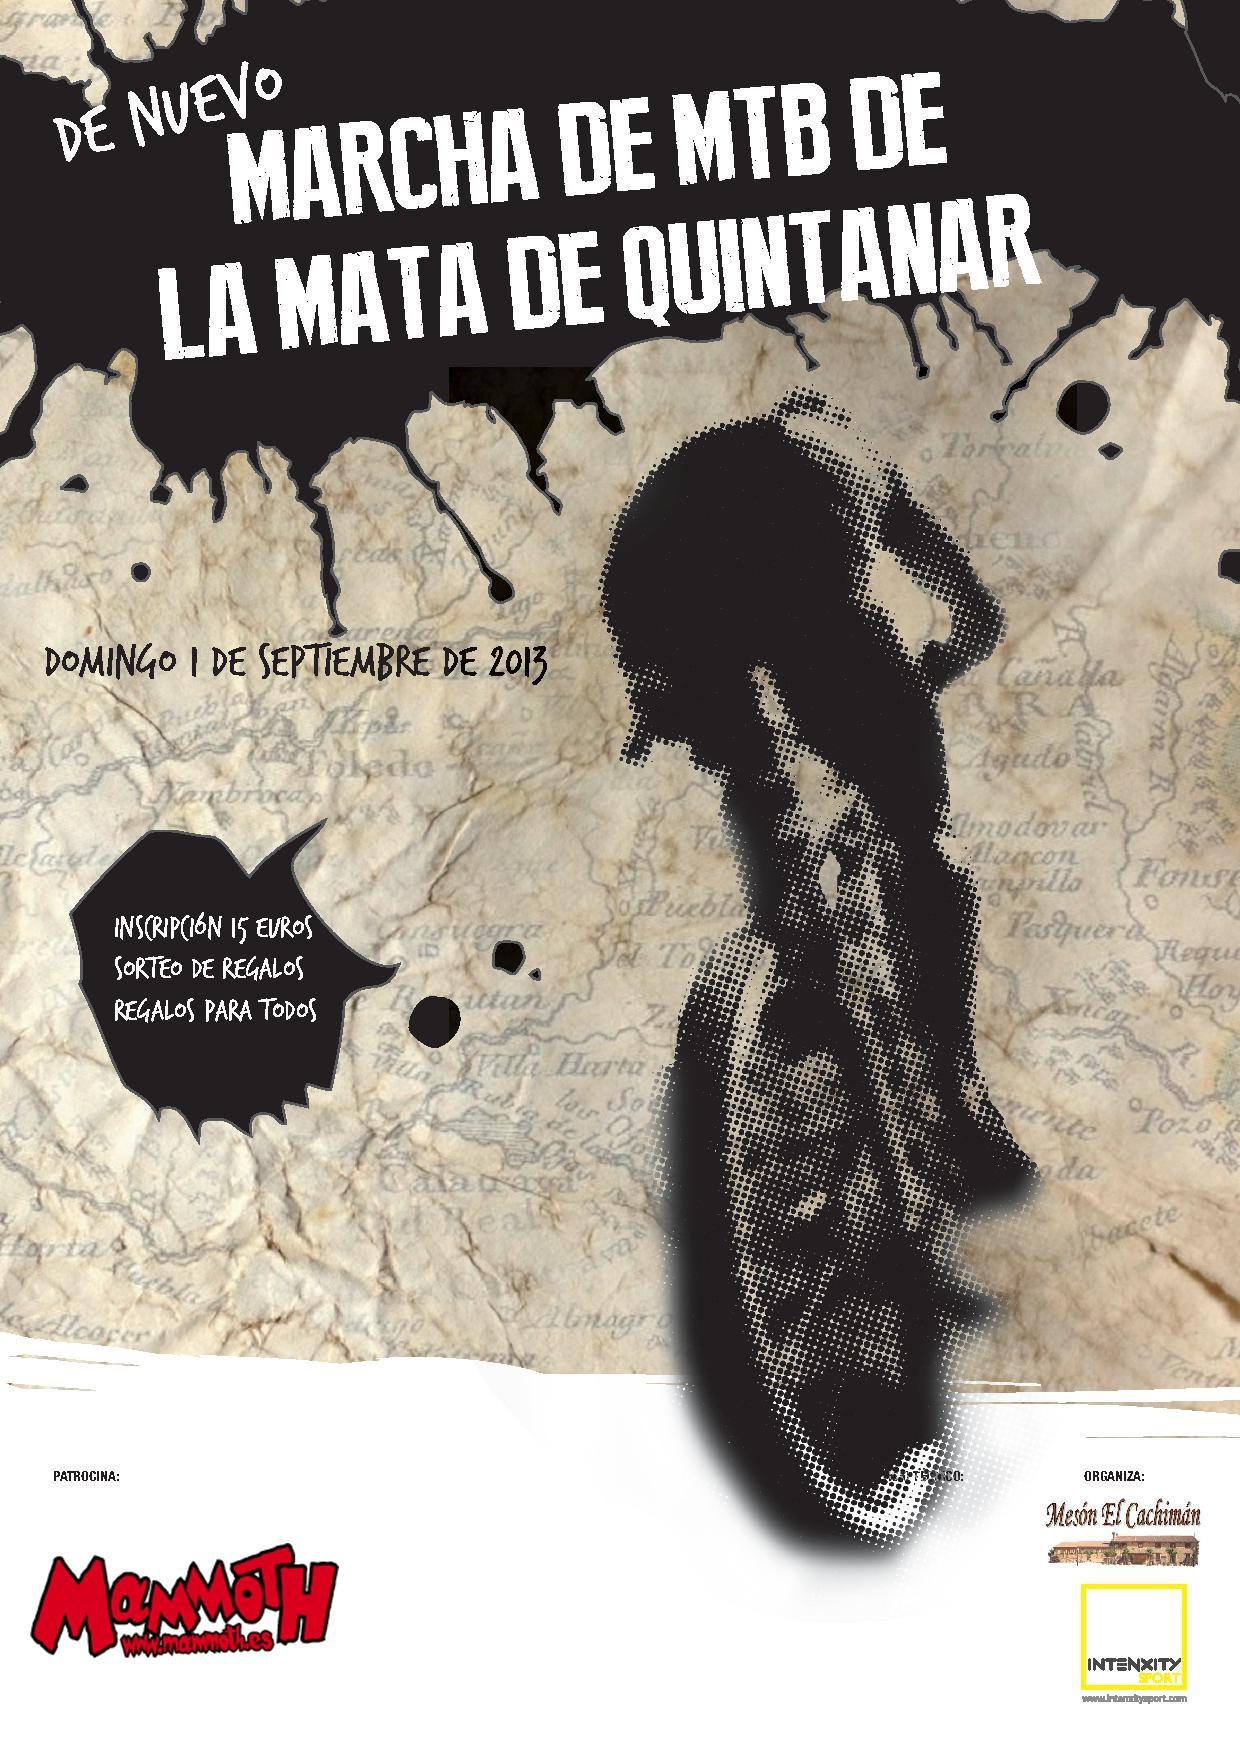 Marcha MTB Mata de Quintanar